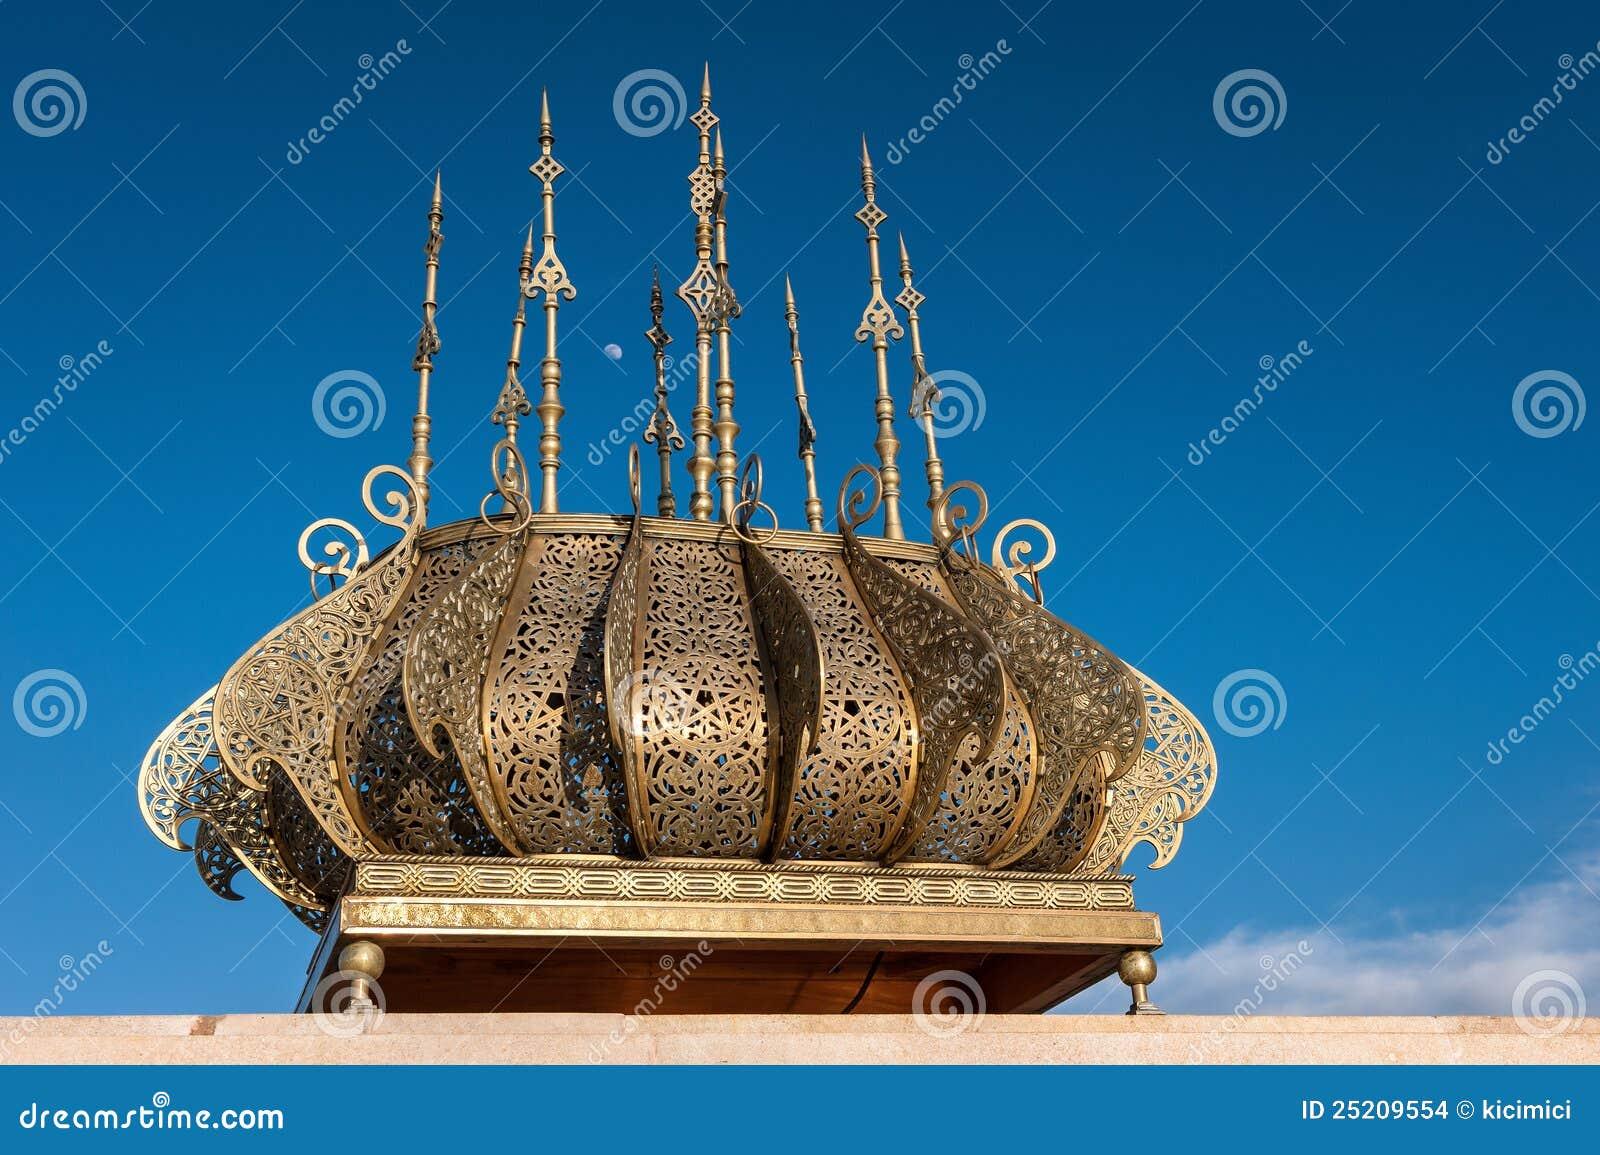 De gouden decoratie rabat marokko van hassan van de reis stock afbeeldingen afbeelding 25209554 - Decoratie van de villas ...